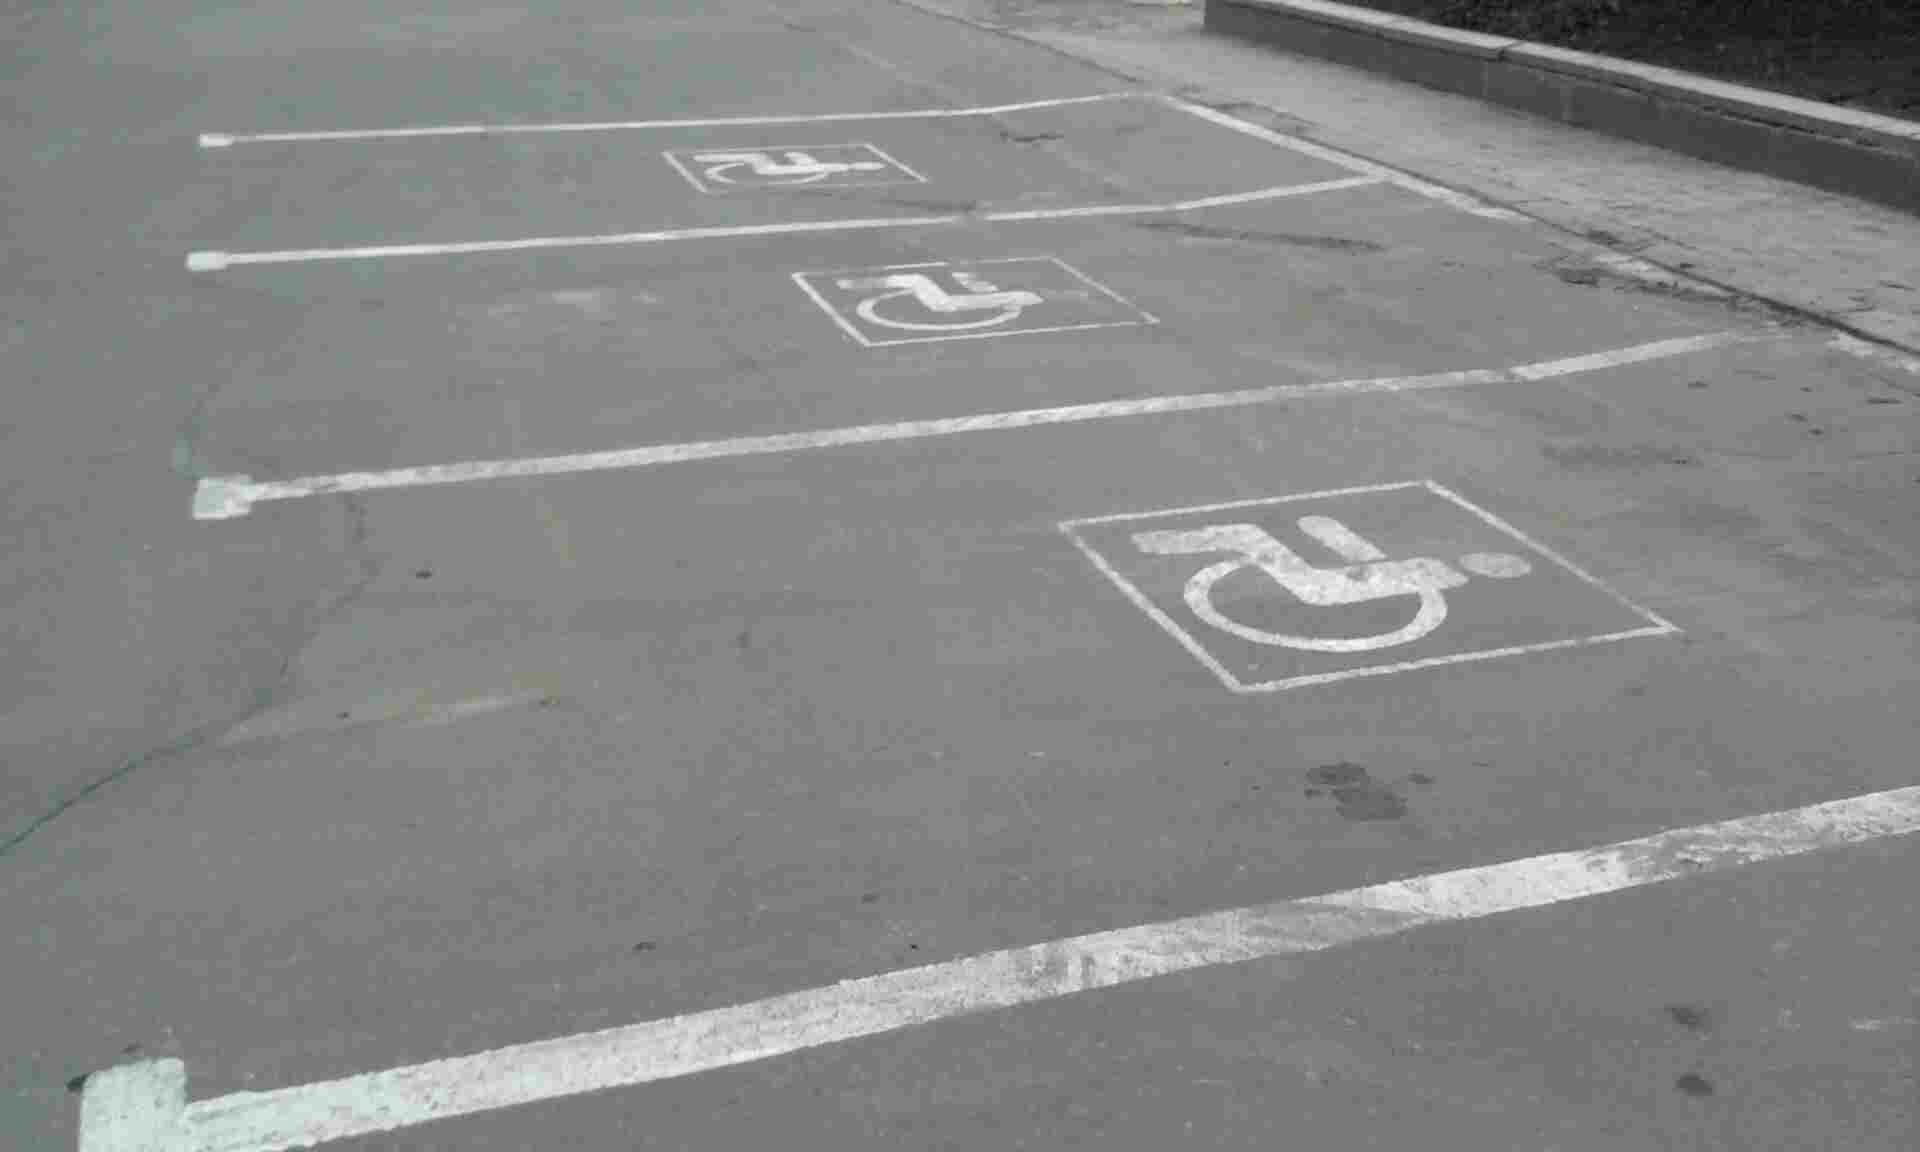 Кого не оштрафуют на парковке для инвалидов?